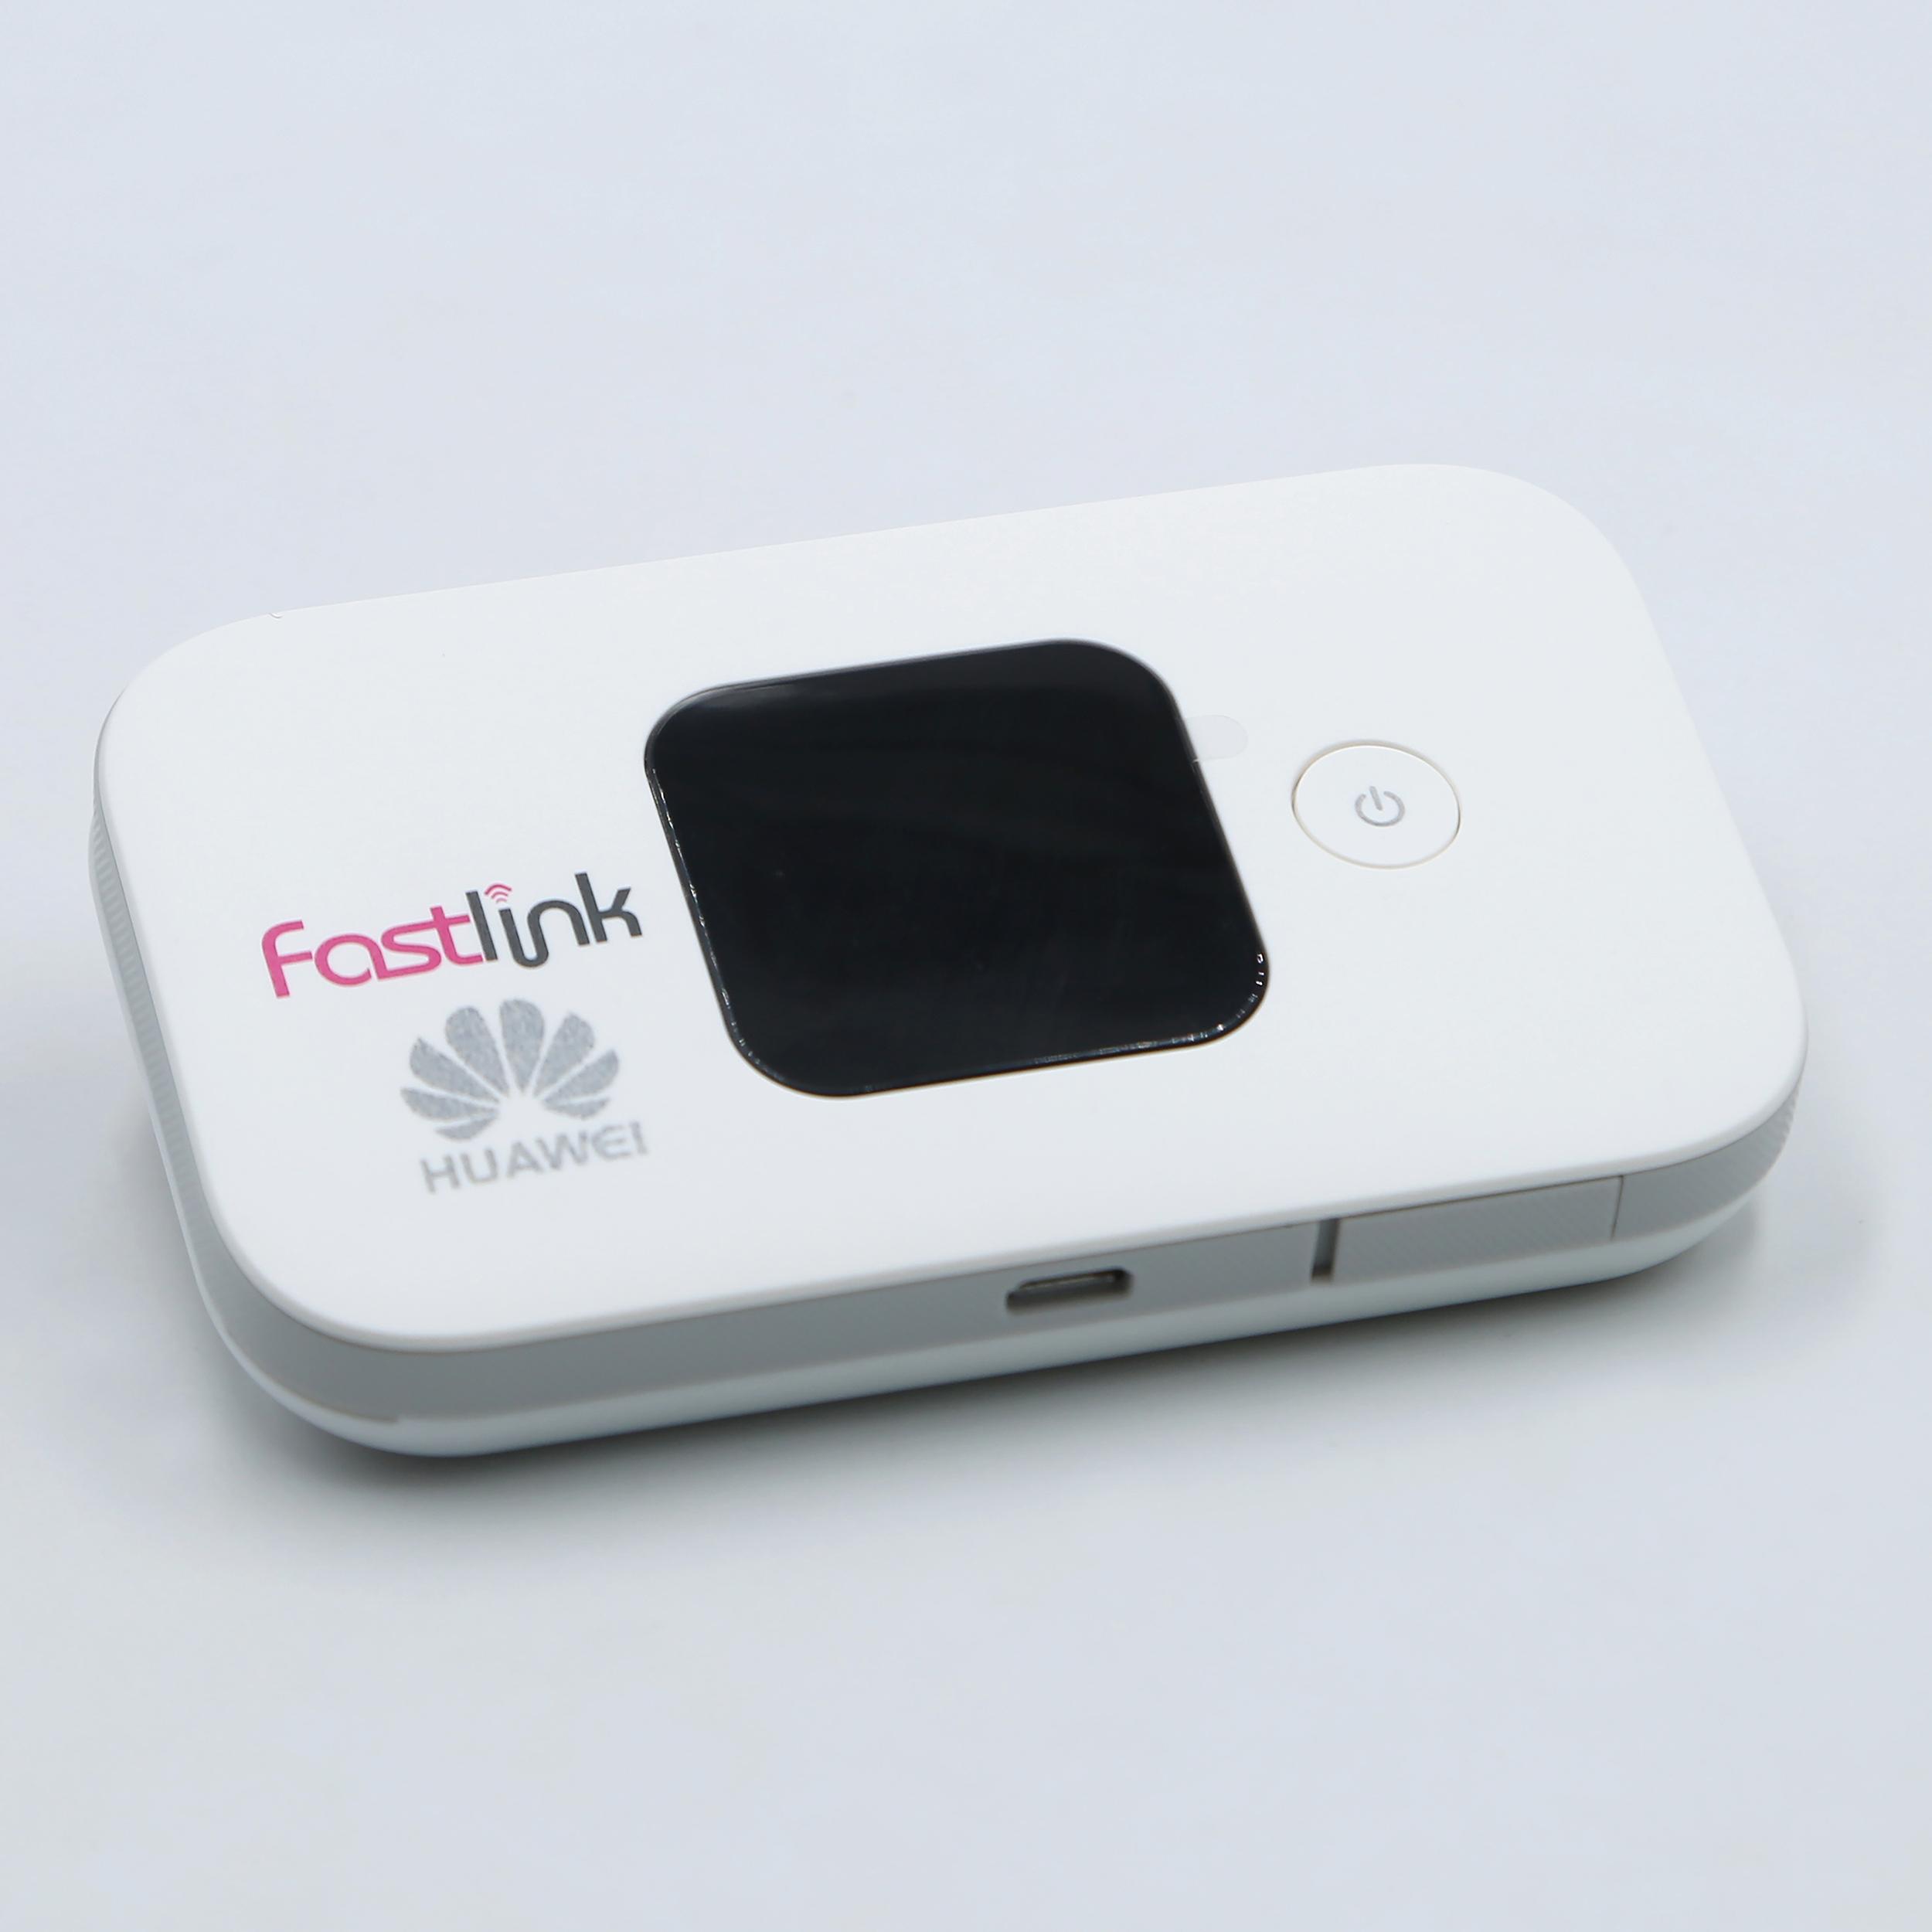 مودم  قابل حمل 3G/4Gهوآوی فستلینک مدل E5577